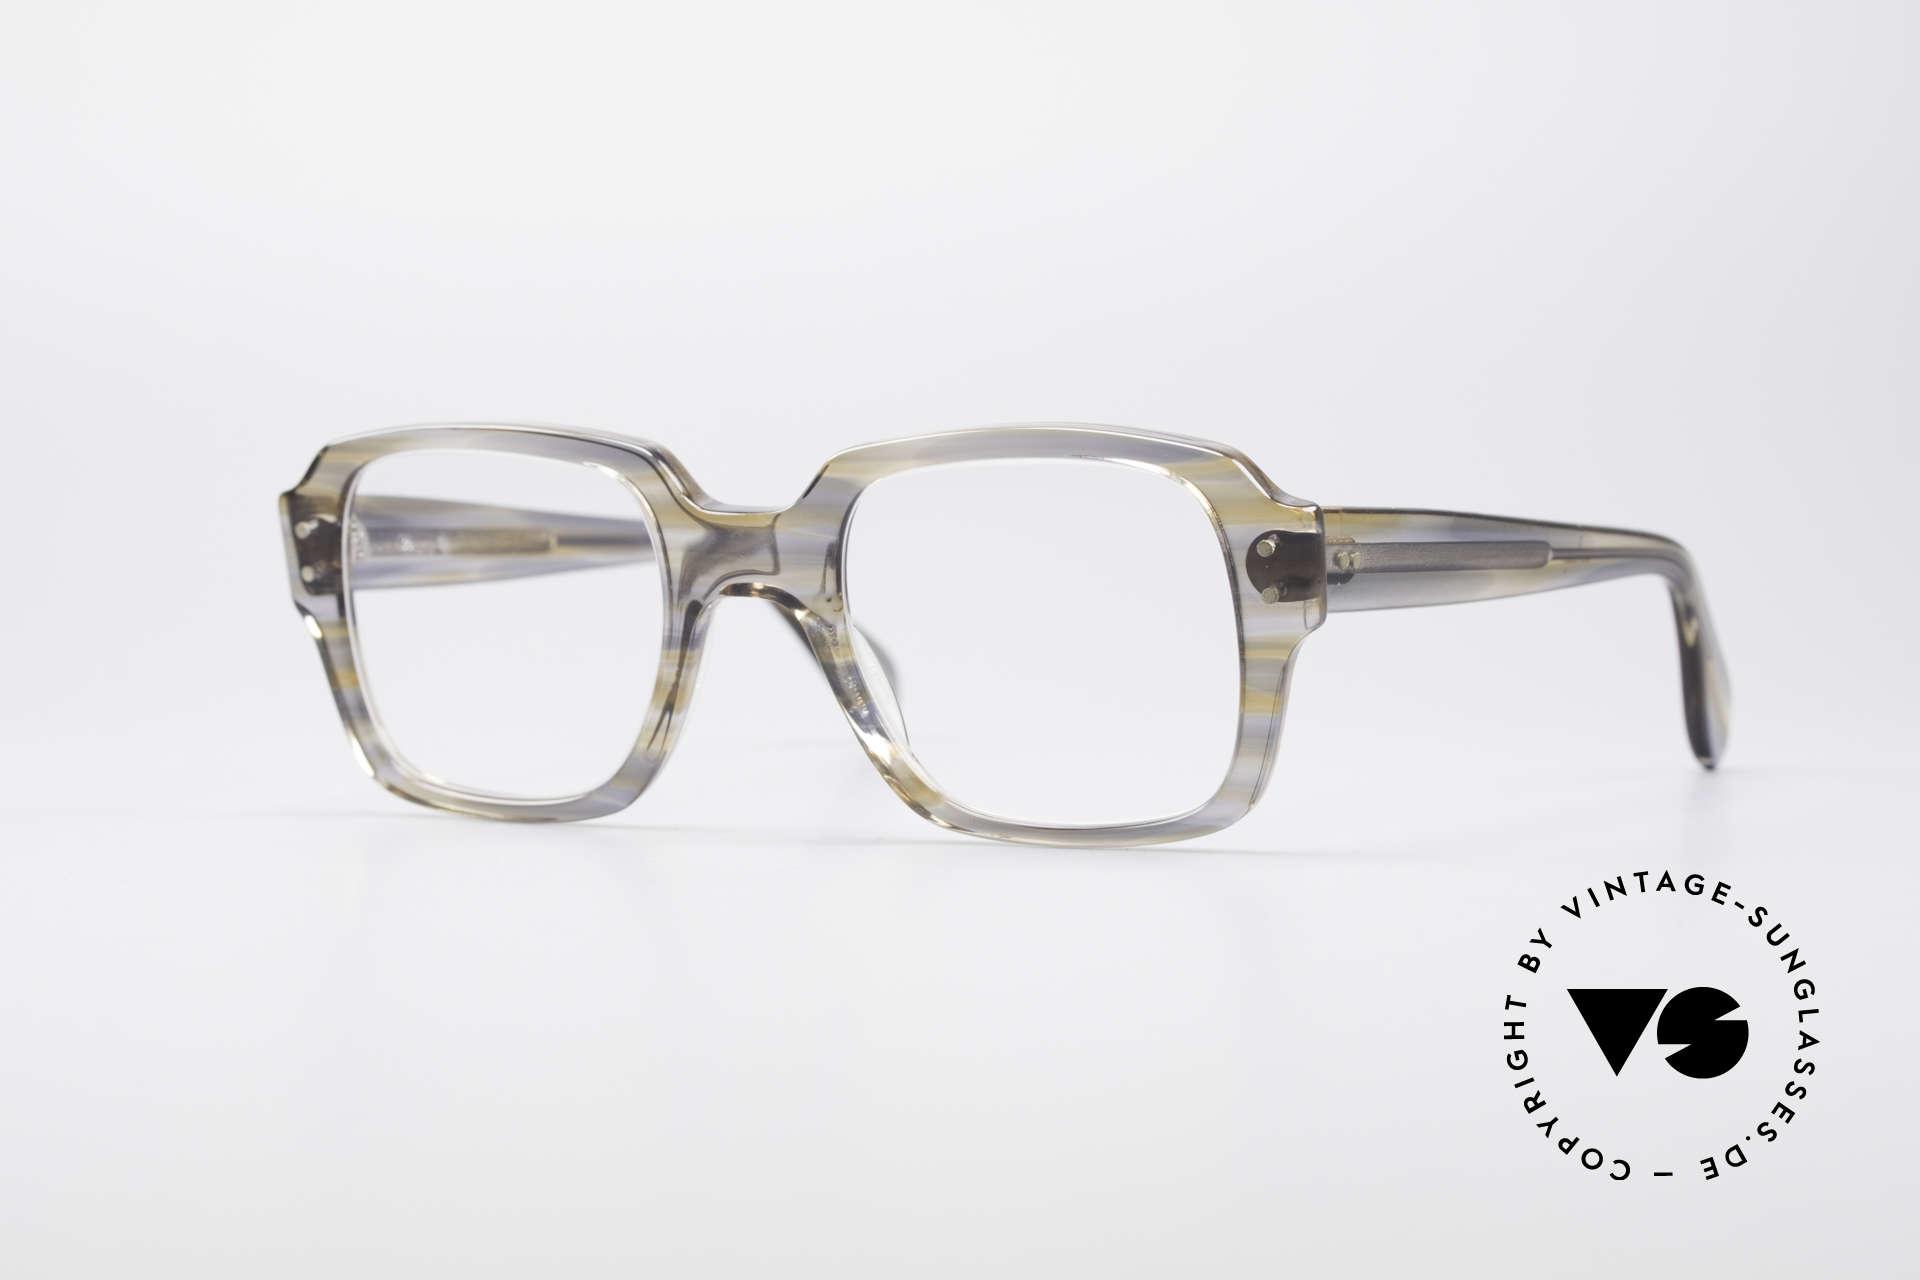 Metzler 448 70's Original Nerd Glasses, old original Metzler eyeglass-frame from the 70's/80's, Made for Men